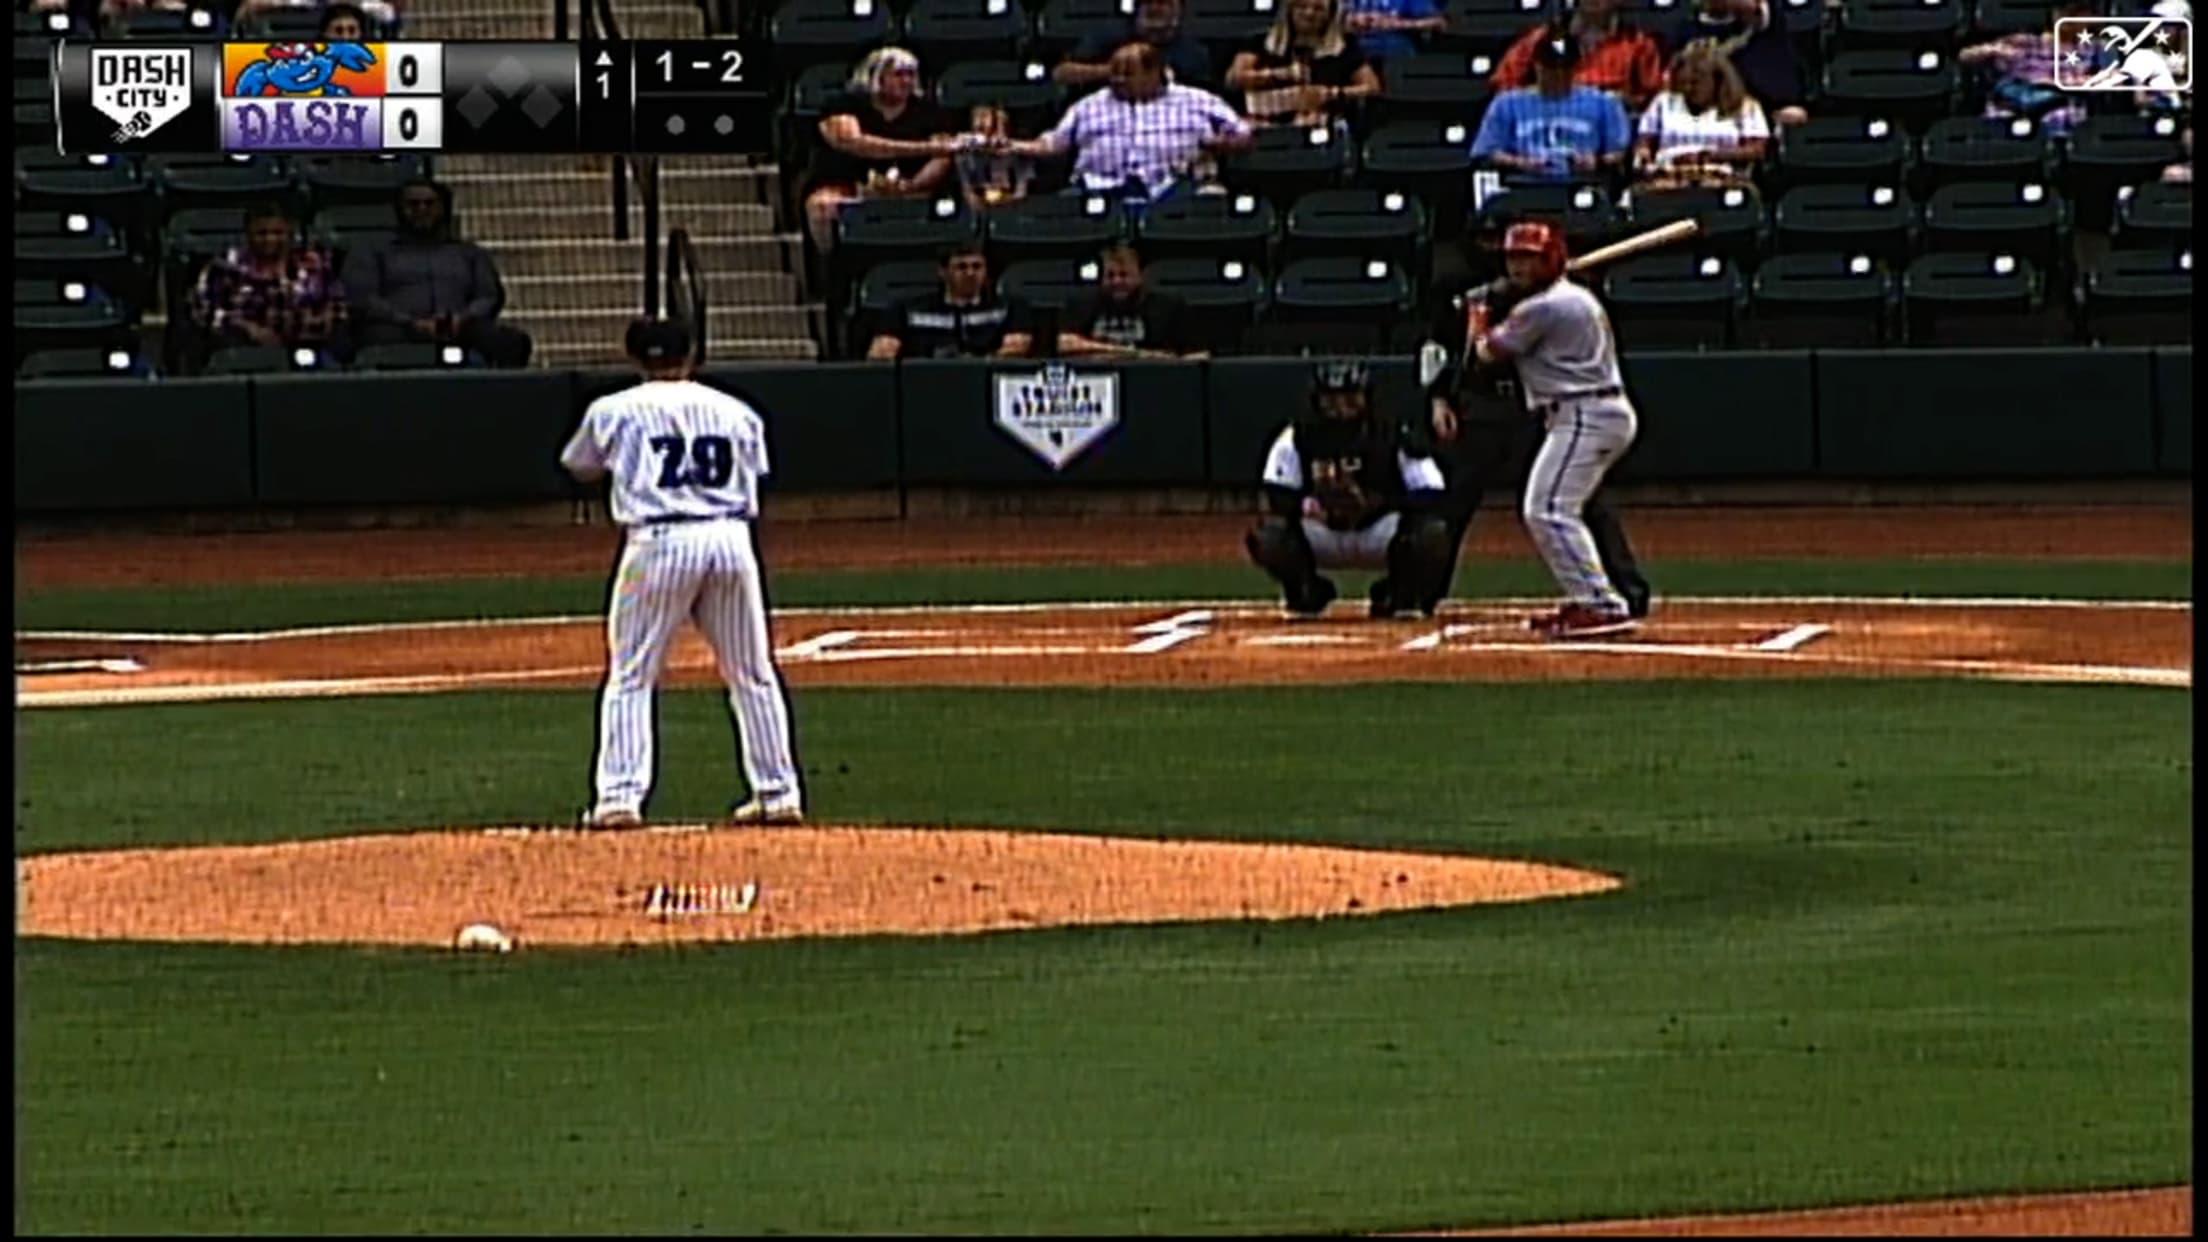 Horn K's 5 in 3 no-hit innings